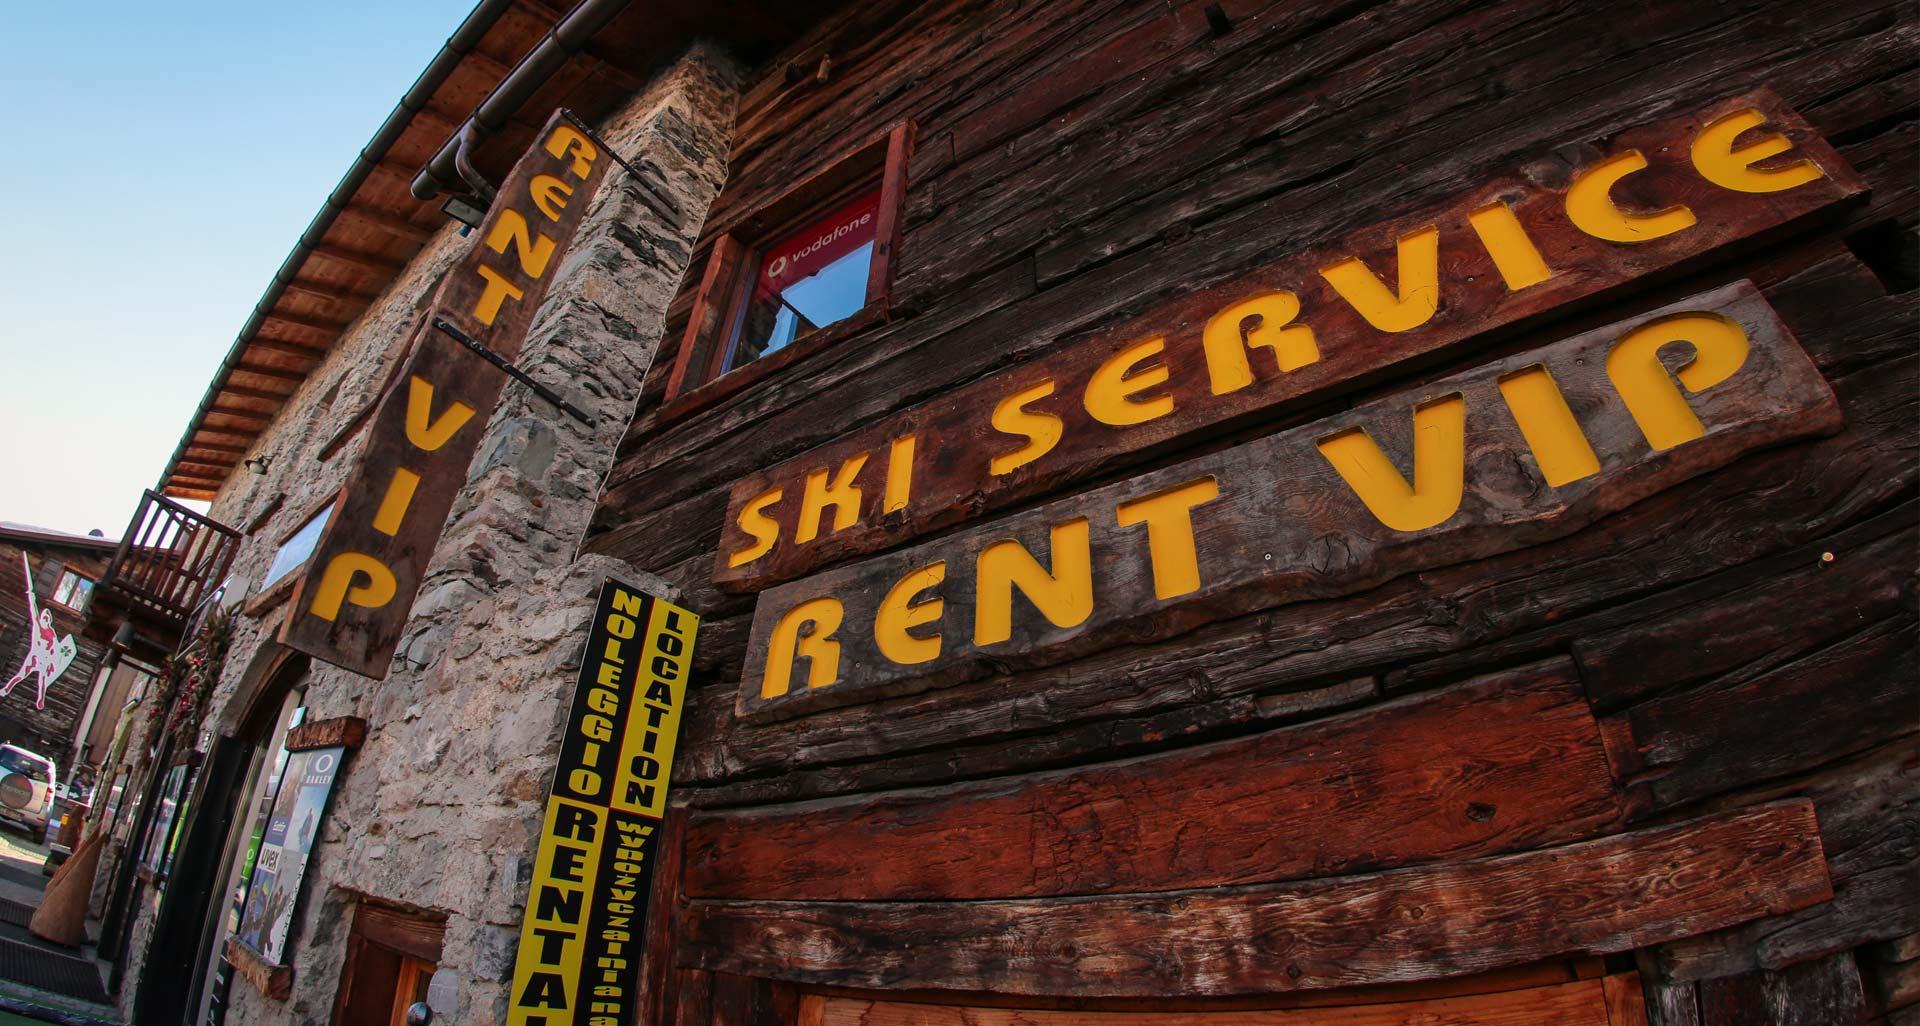 rent-vip-noleggio-livigno-viper-sport-negozio-home-2